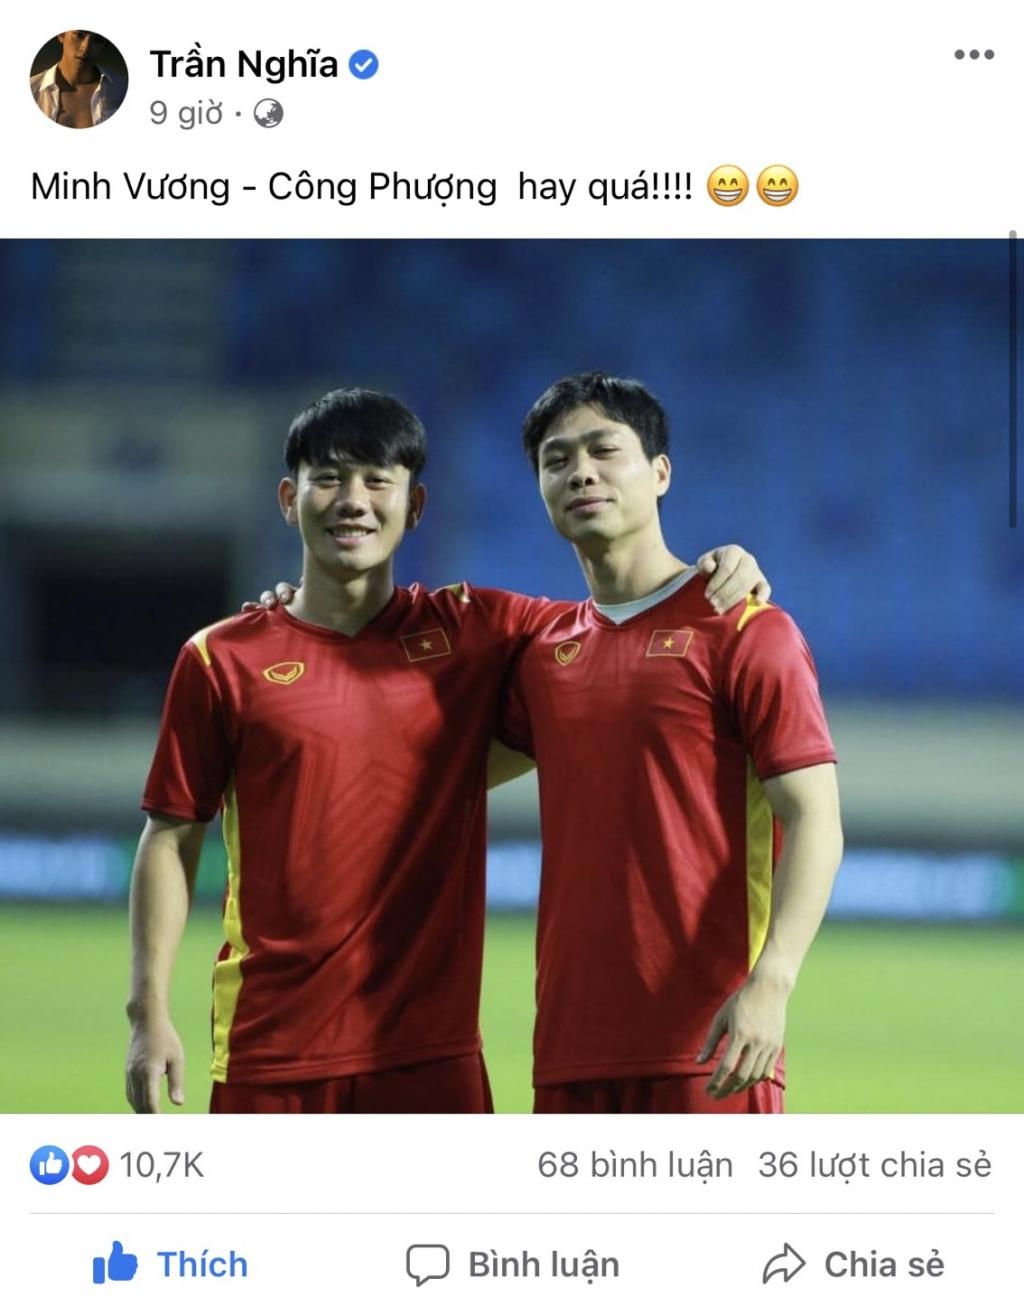 Trần Minh Vương là trai đẹp tuyển Việt Nam tiếp theo được cả showbiz săn đón